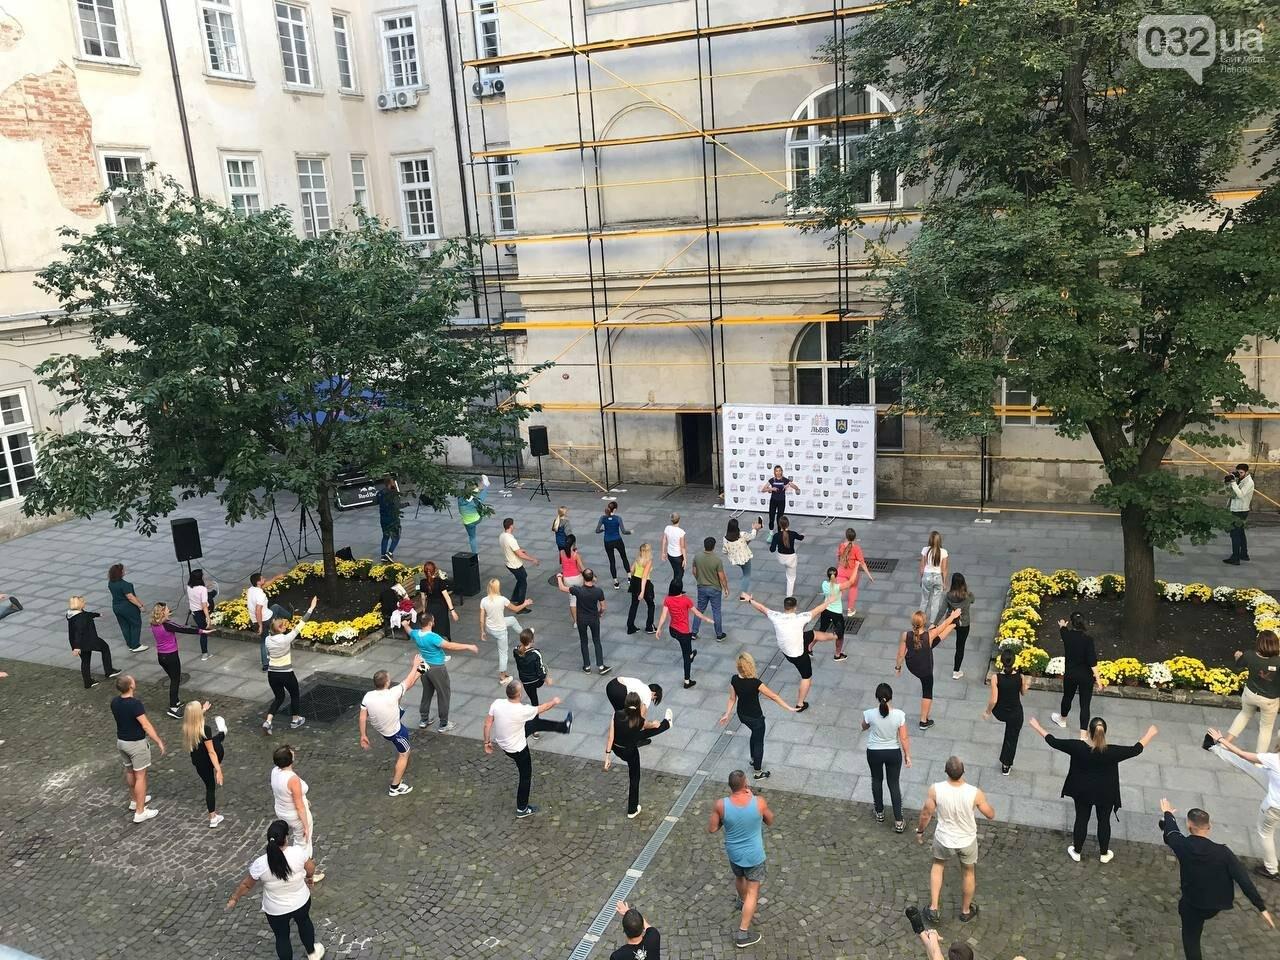 Працівники львівської мерії вийшли на колективну ранкову зарядку, - ФОТО, ВІДЕО, фото-1